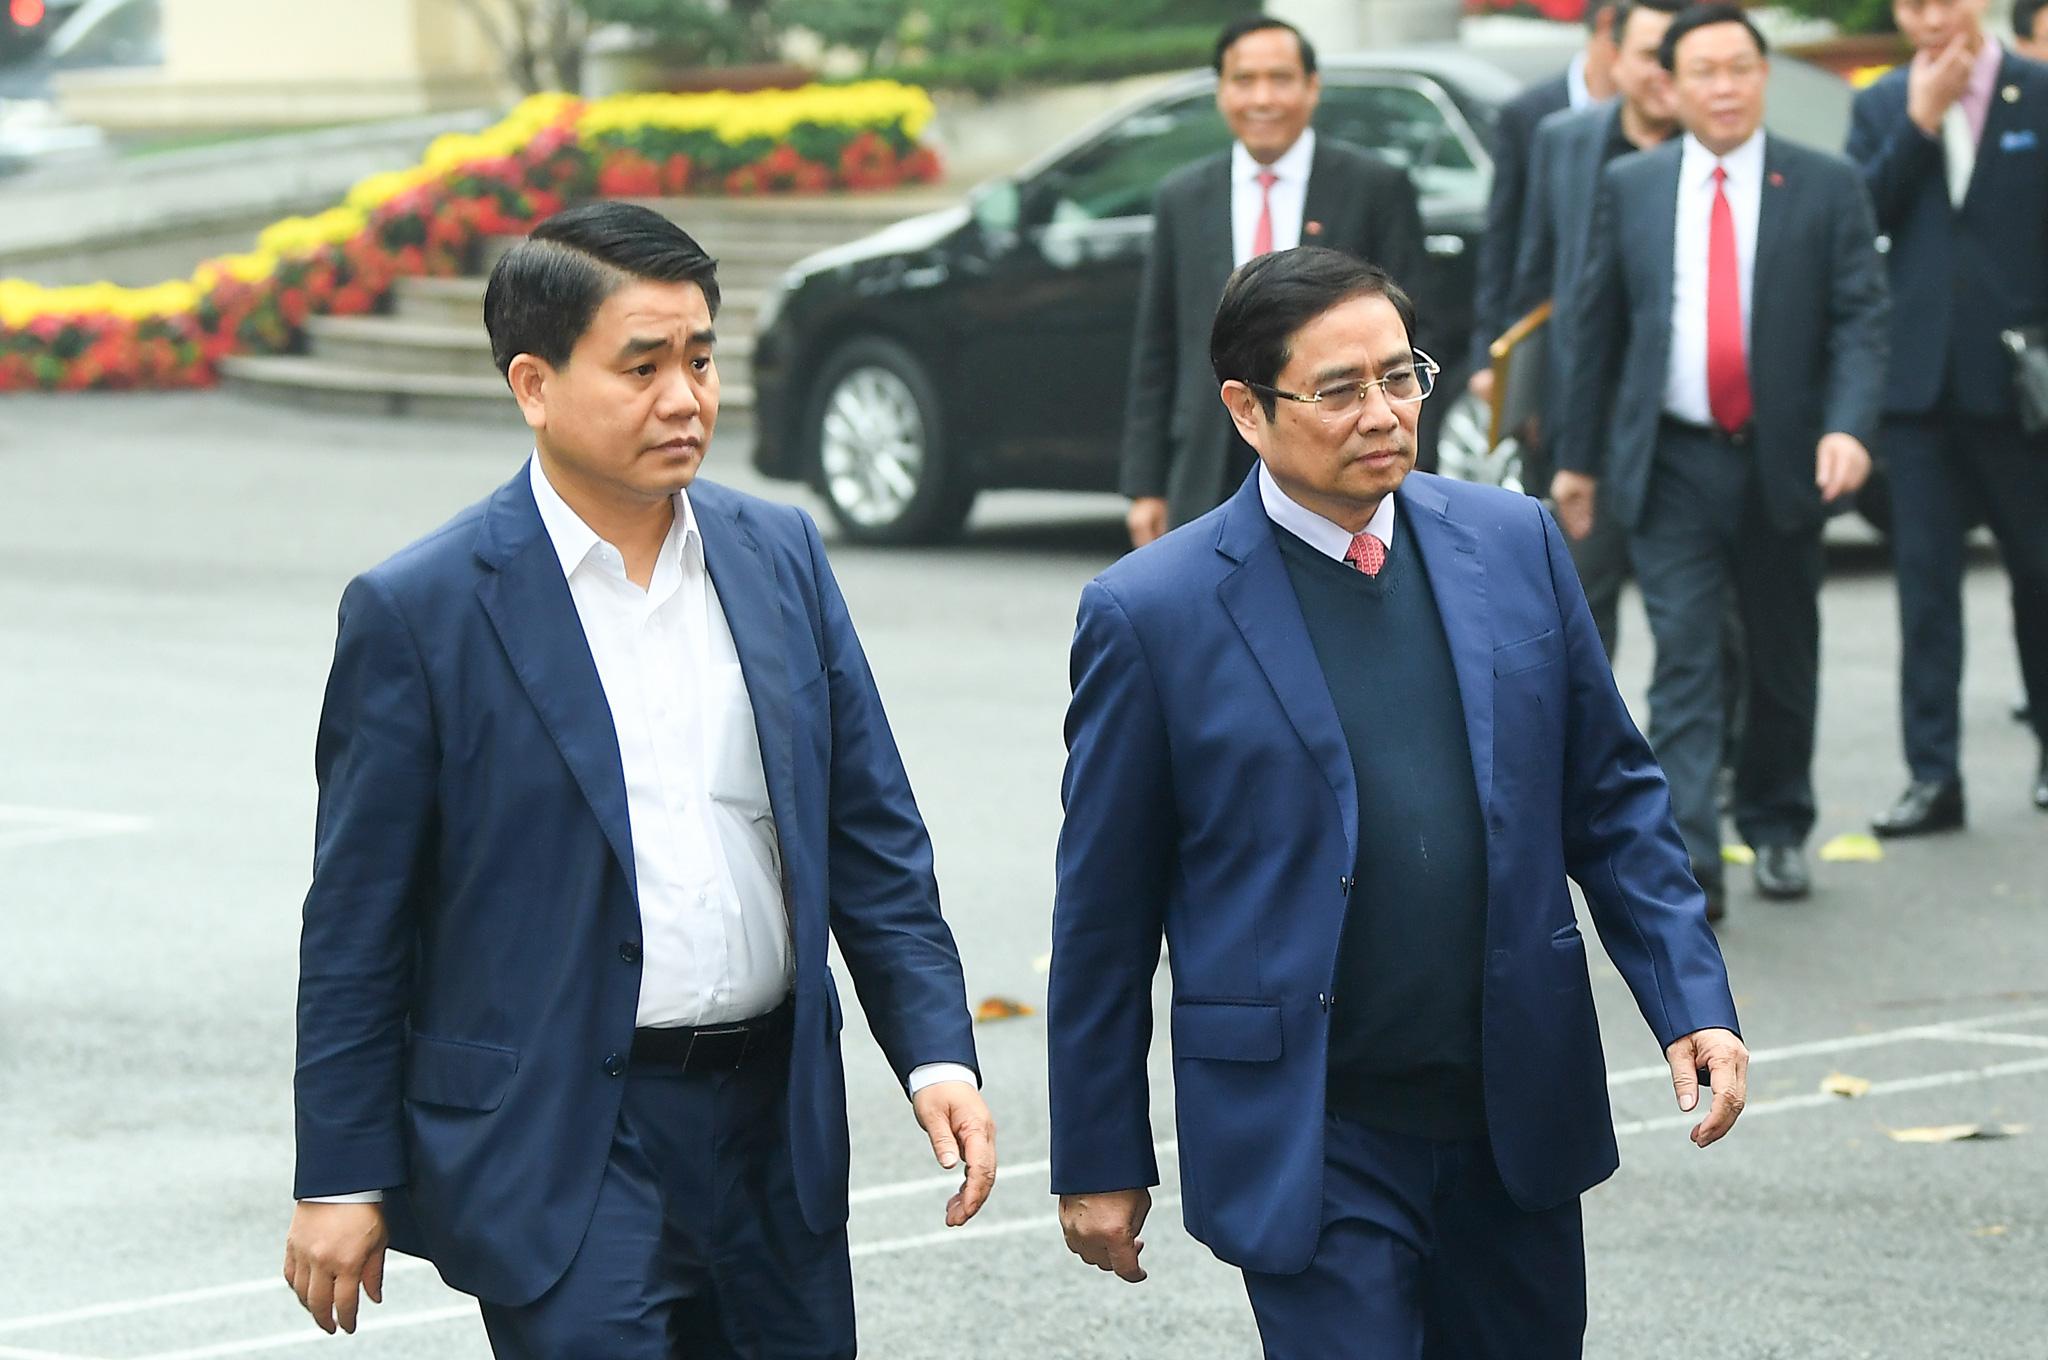 (ẢNH) Toàn cảnh lễ nhận quyết định Bí thư Thành ủy Hà Nội của Phó Thủ tướng Vương Đình Huệ - Ảnh 3.